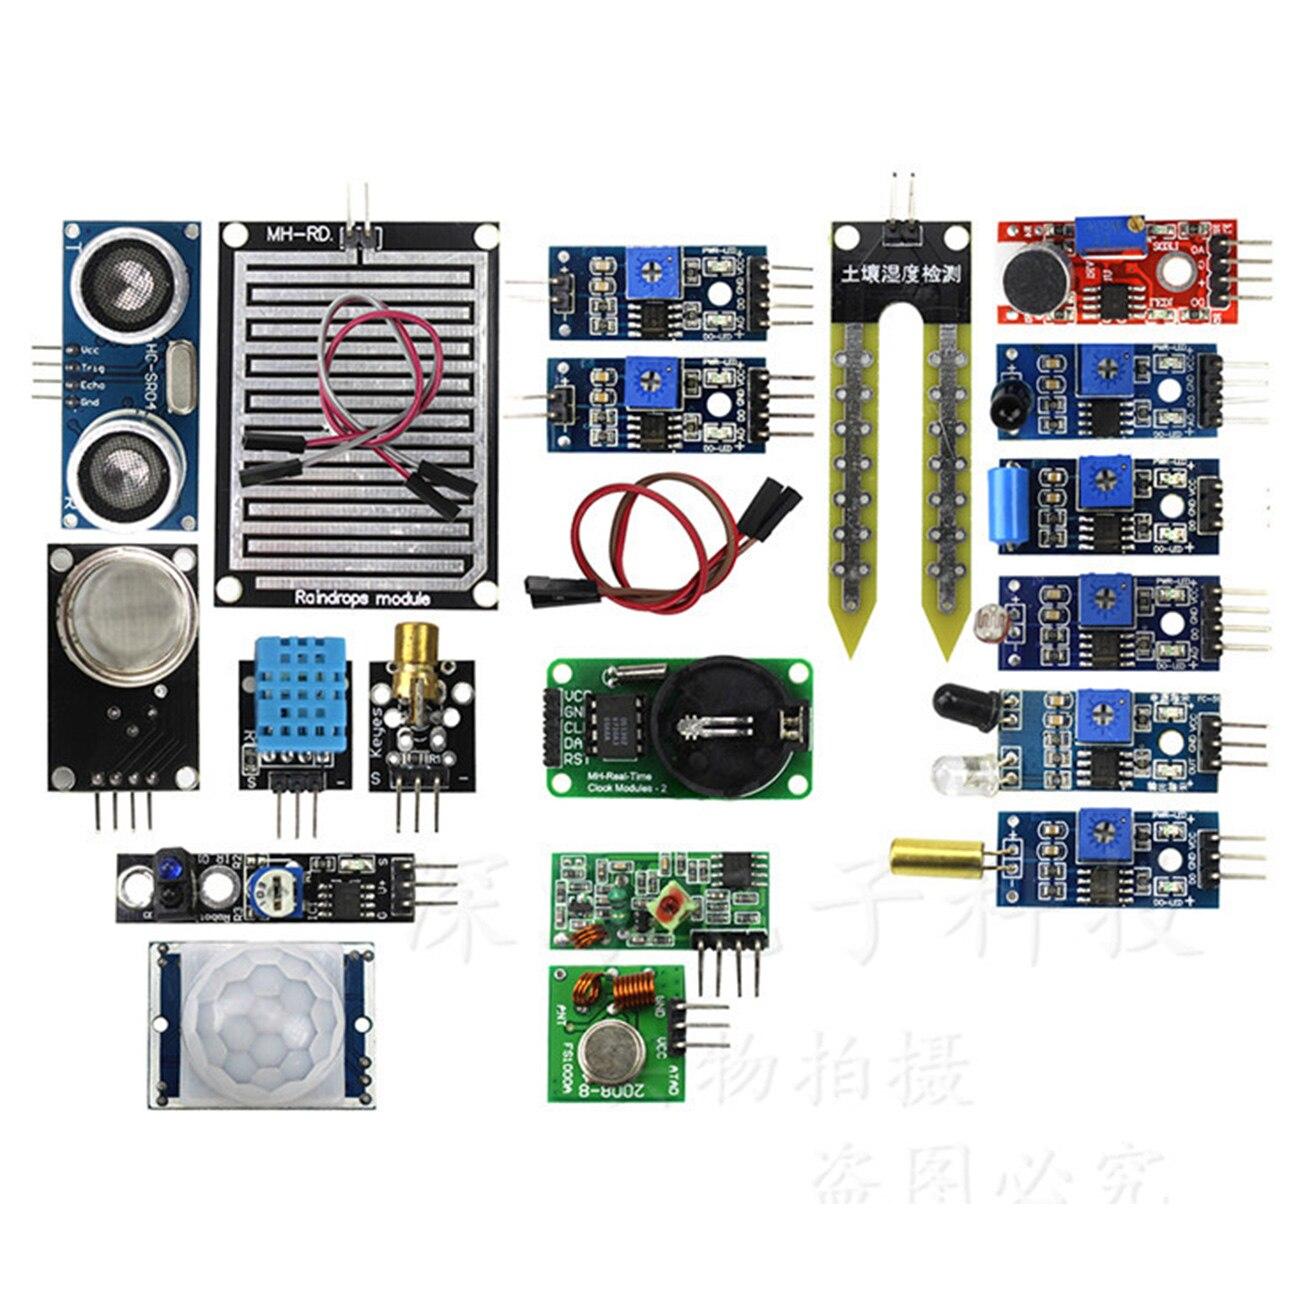 16 in 1 Module Sensor Kit for Arduino UNO Mega2560 Nano Raspberry Pi 2 3 Model B